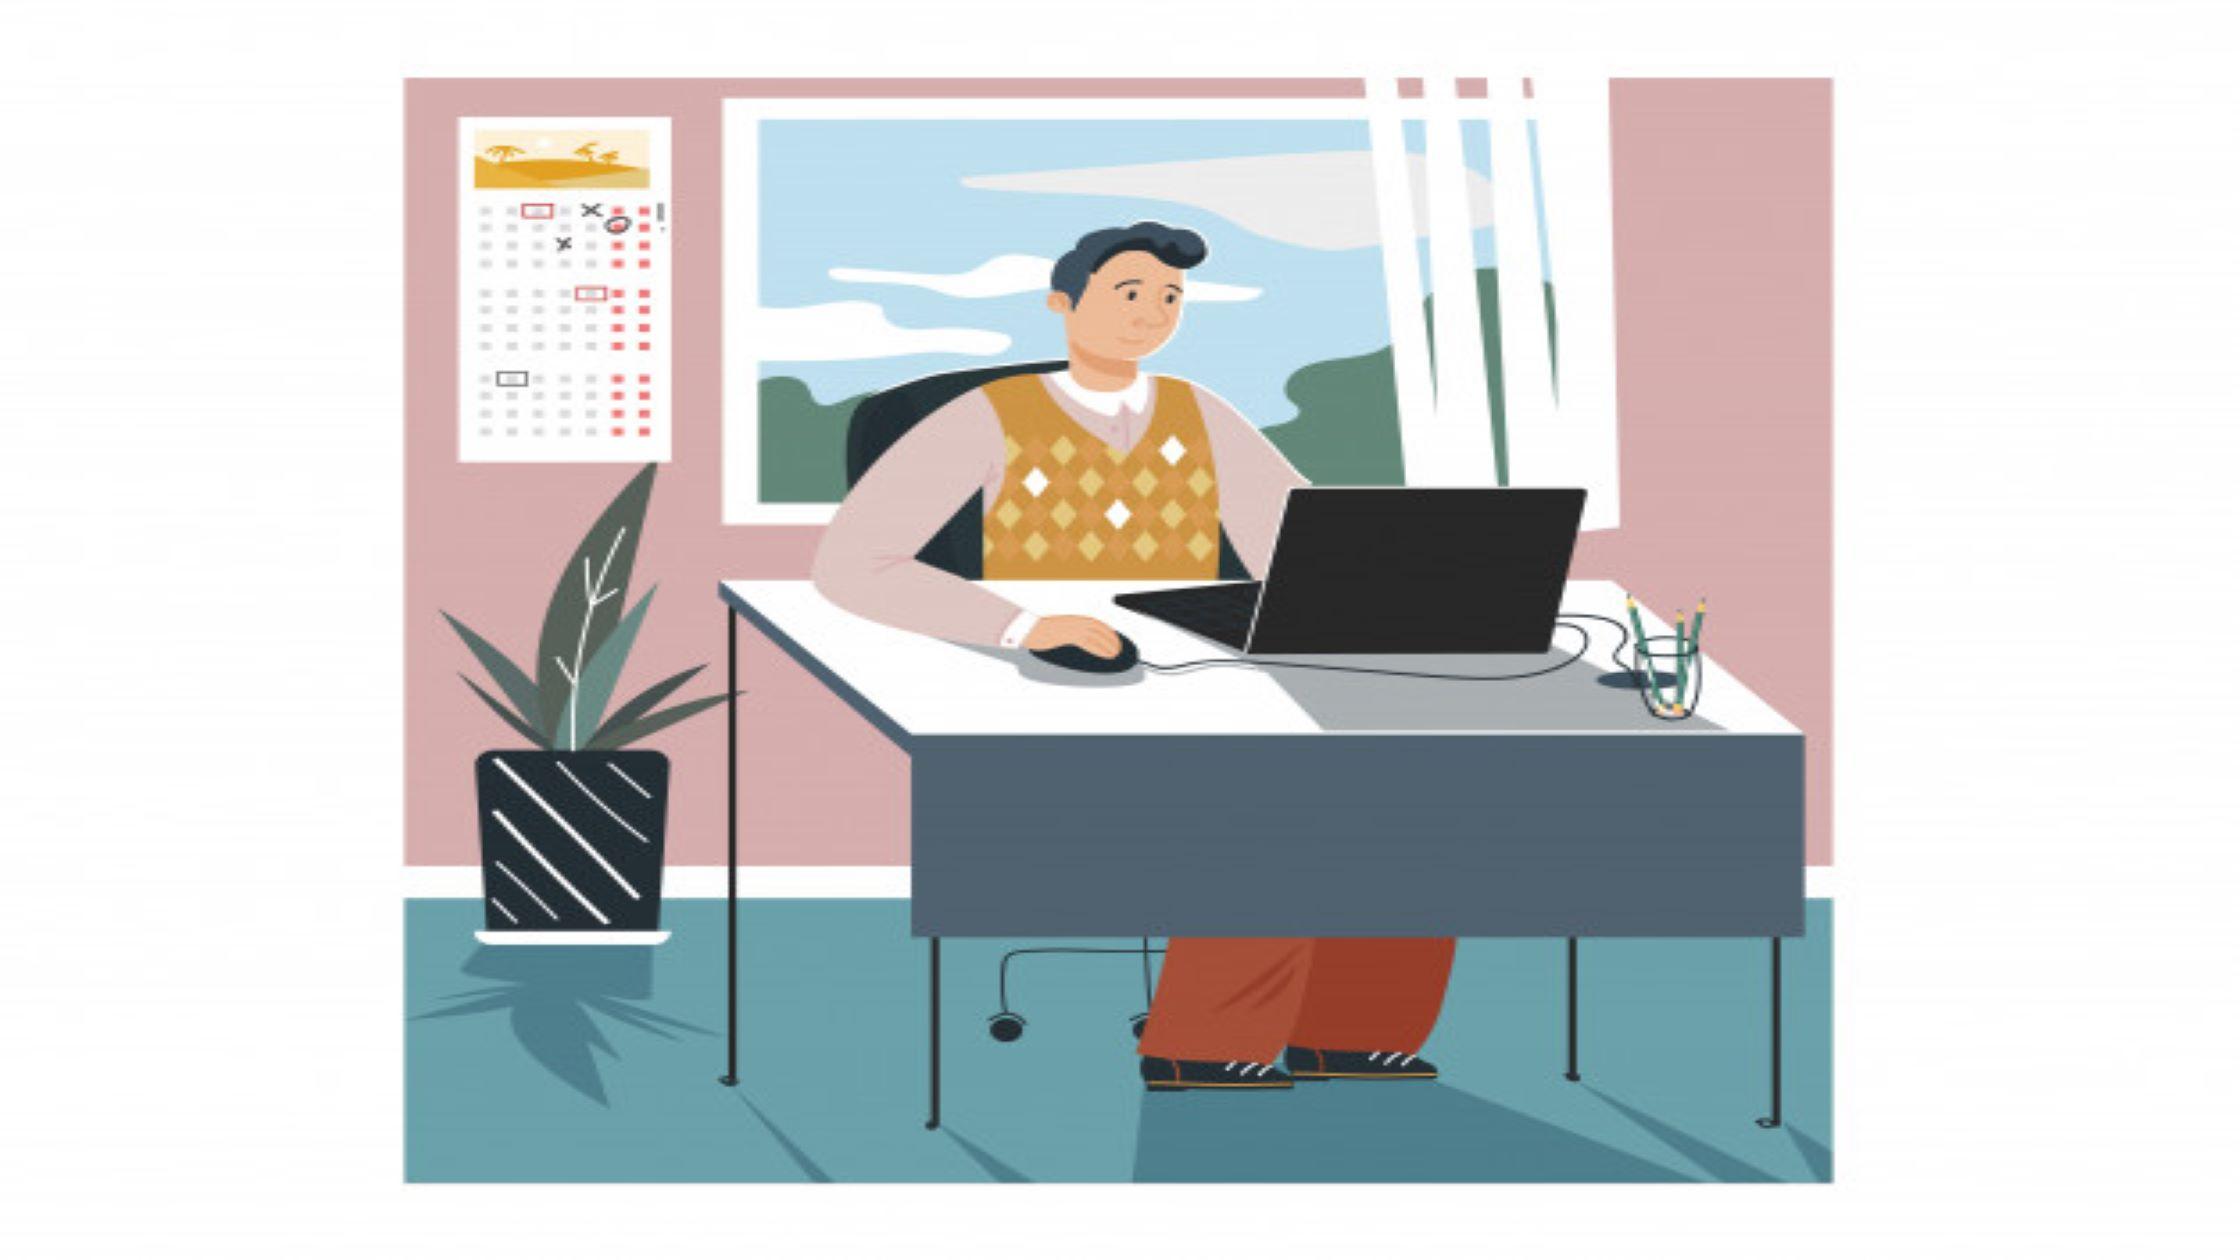 Inilah 7 Pekerjaan yang Cocok Dilakukan Di rumah